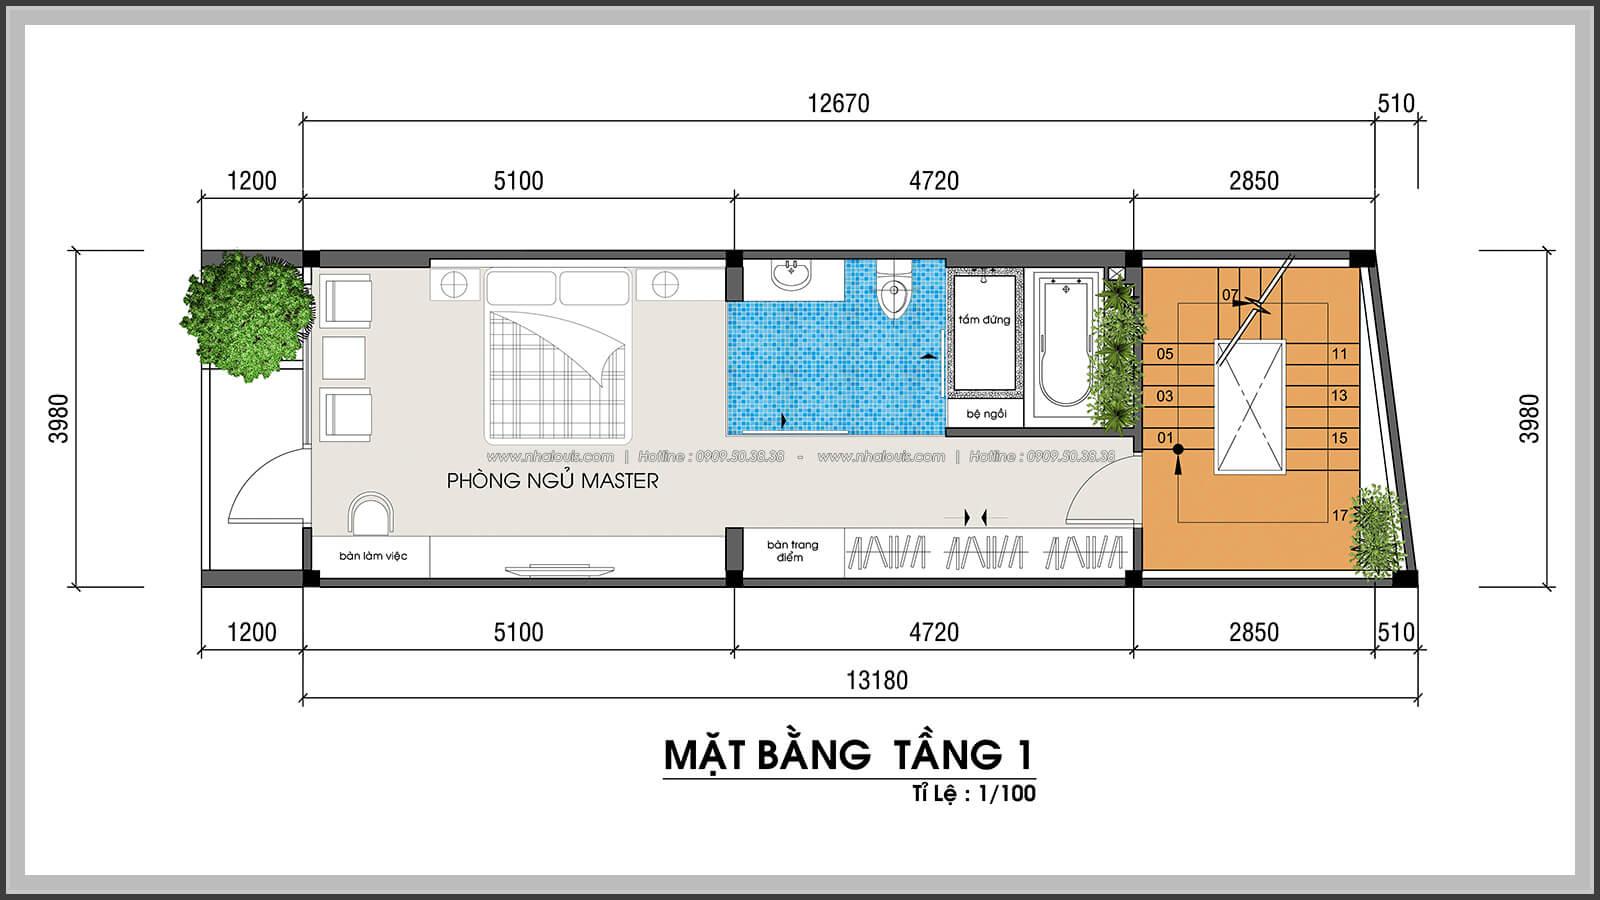 Mặt bằng tầng 1 không gian xanh trong nhà tại Quận 7 - 31